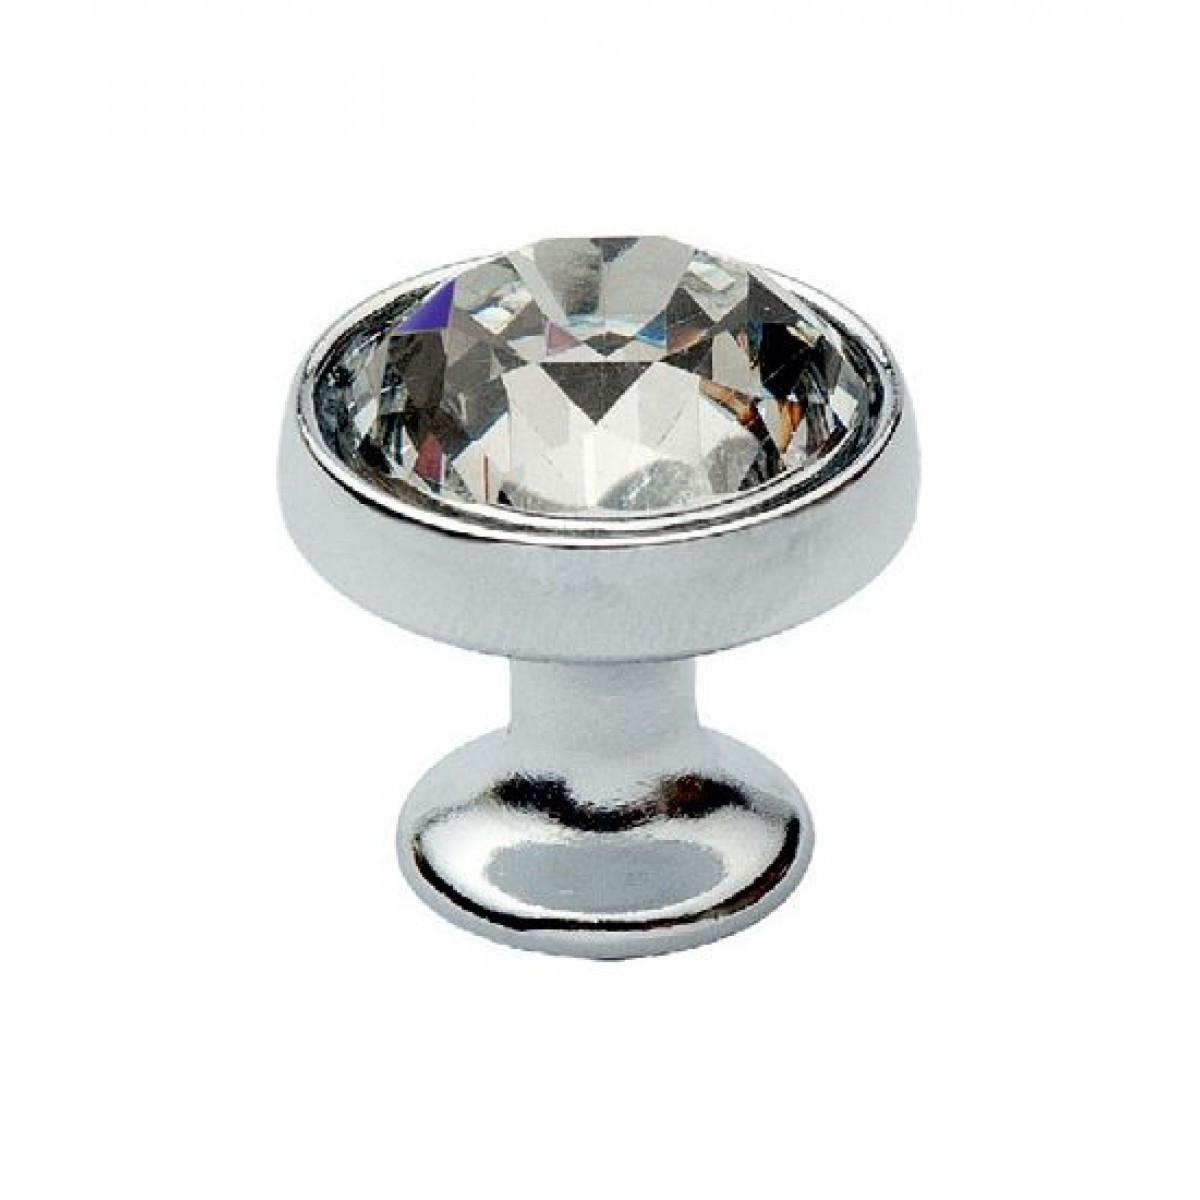 Ручка мебельная Ozkardesler TASLI SOLO DUGME 6099-06 Хром с камнями